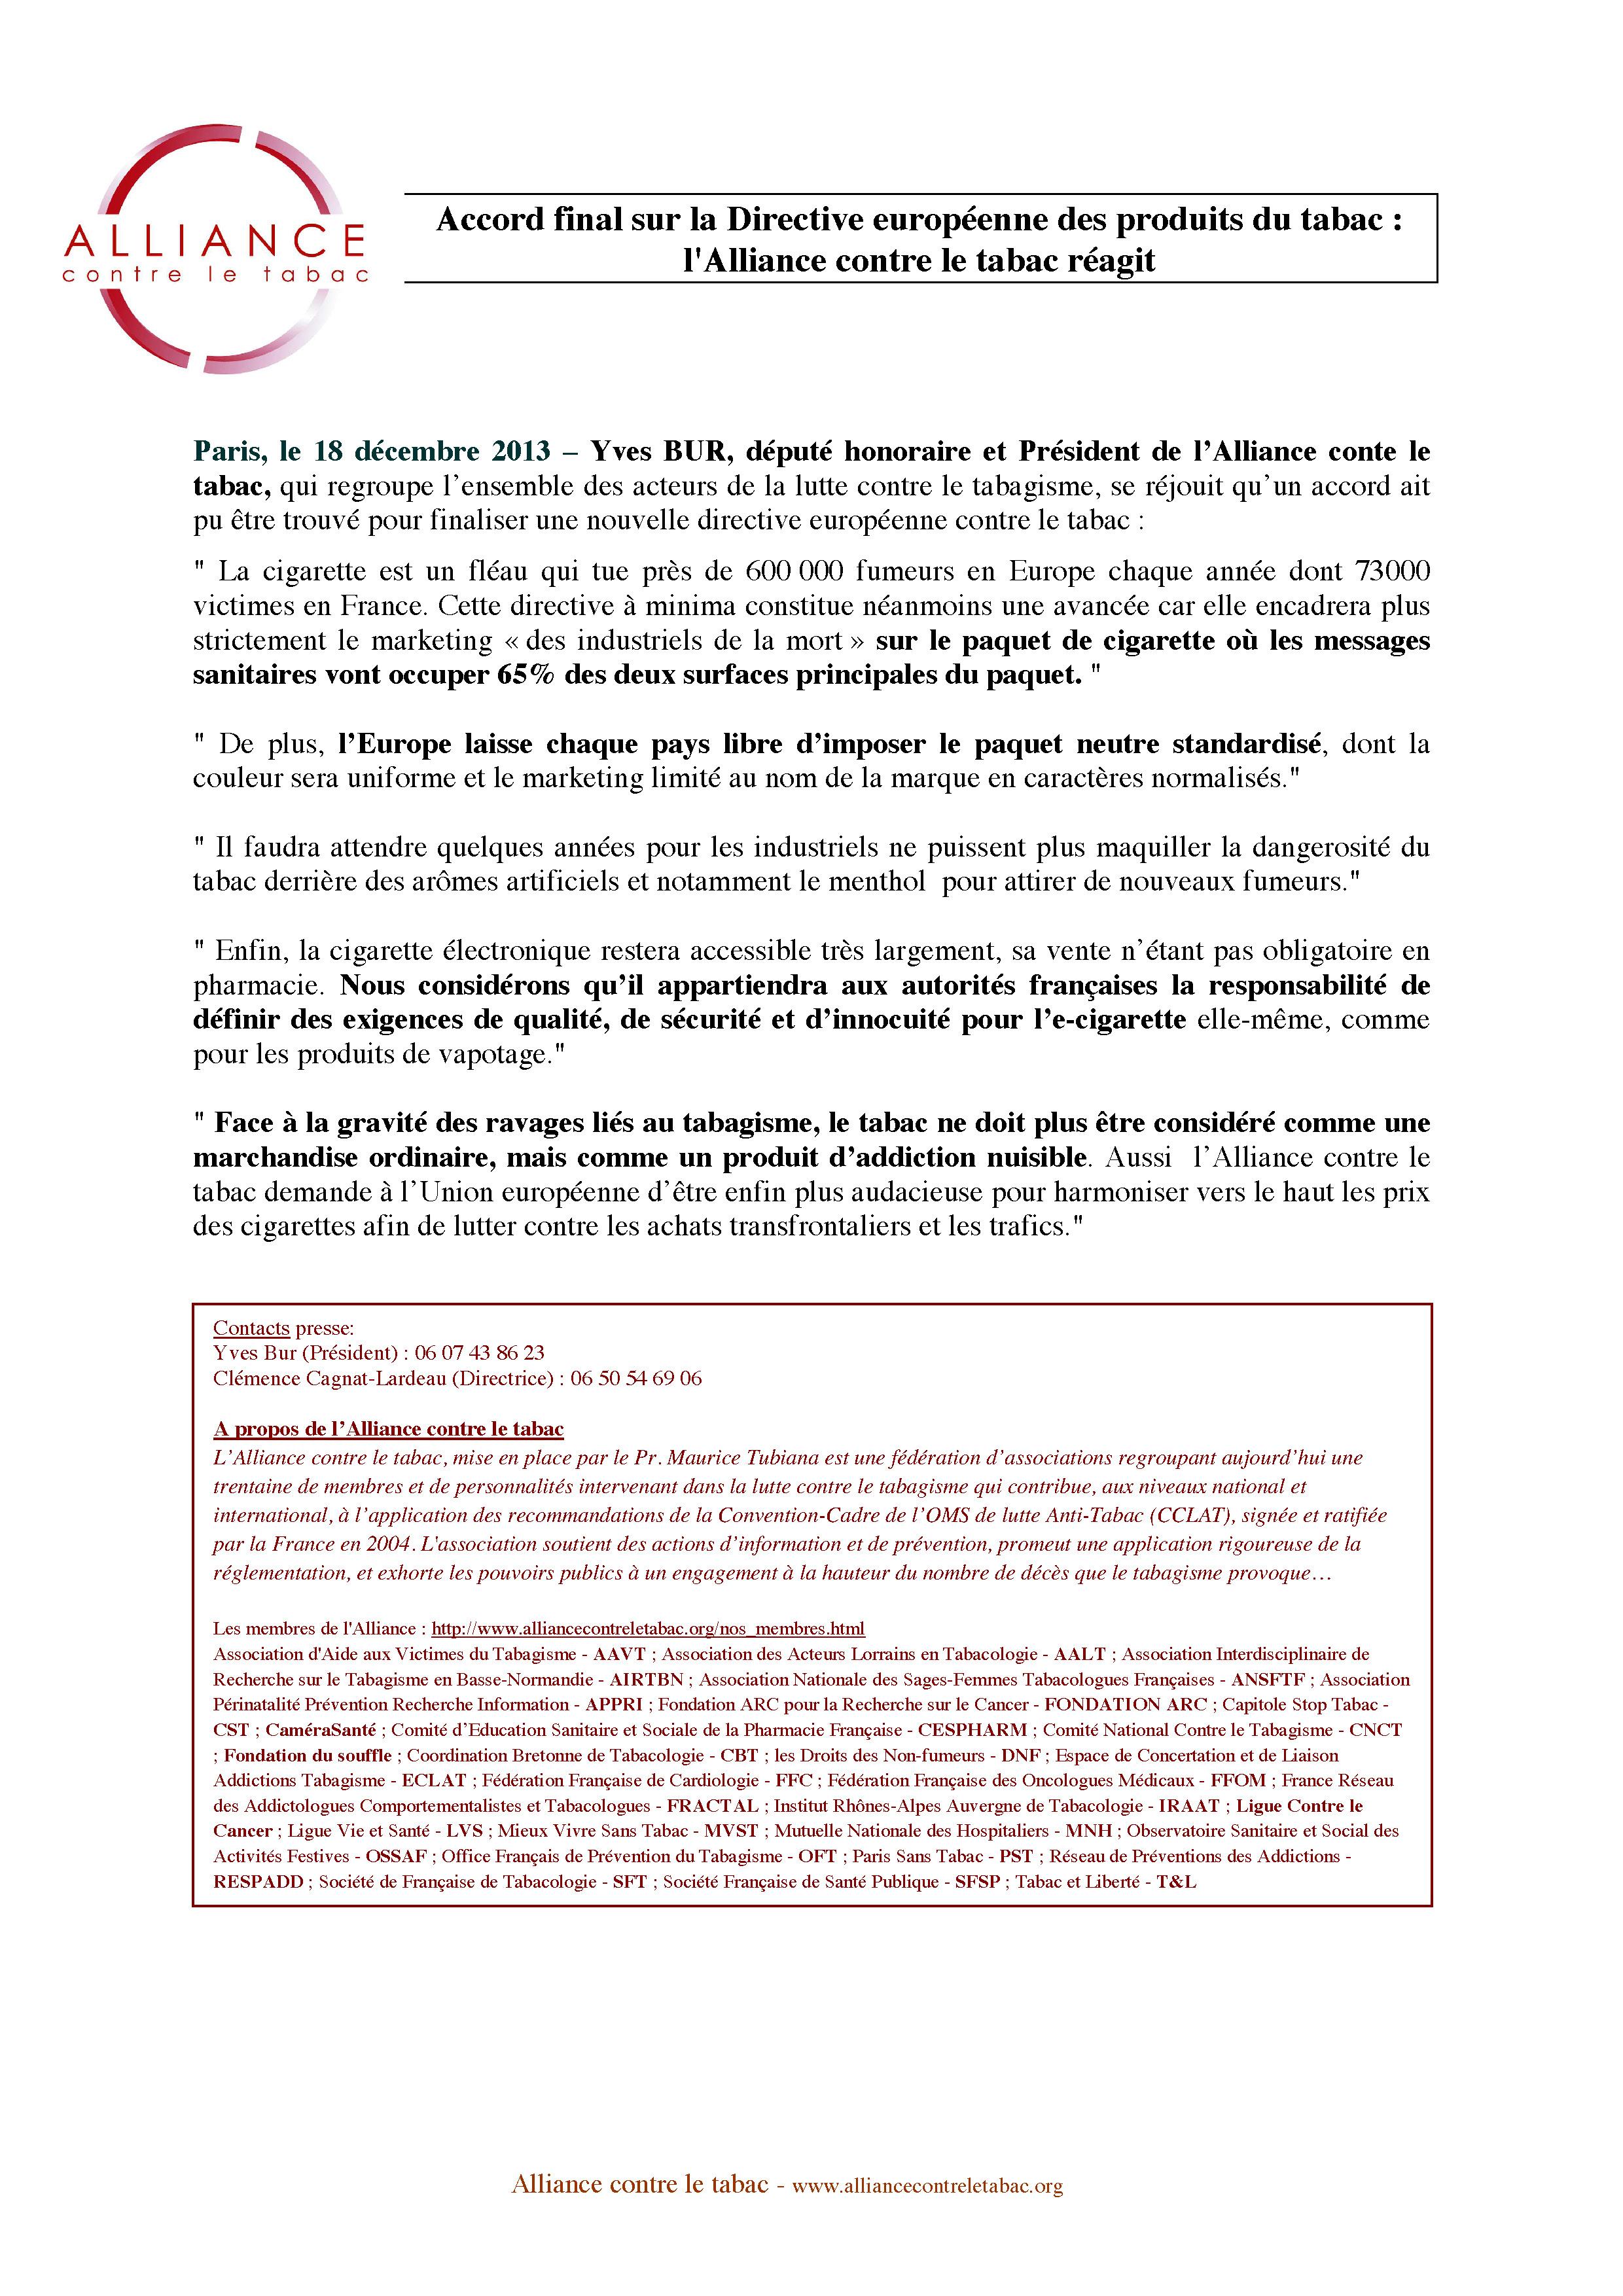 Alliance-CP_dir-europeenne-l-alliance-reagit-18dec2013.jpg